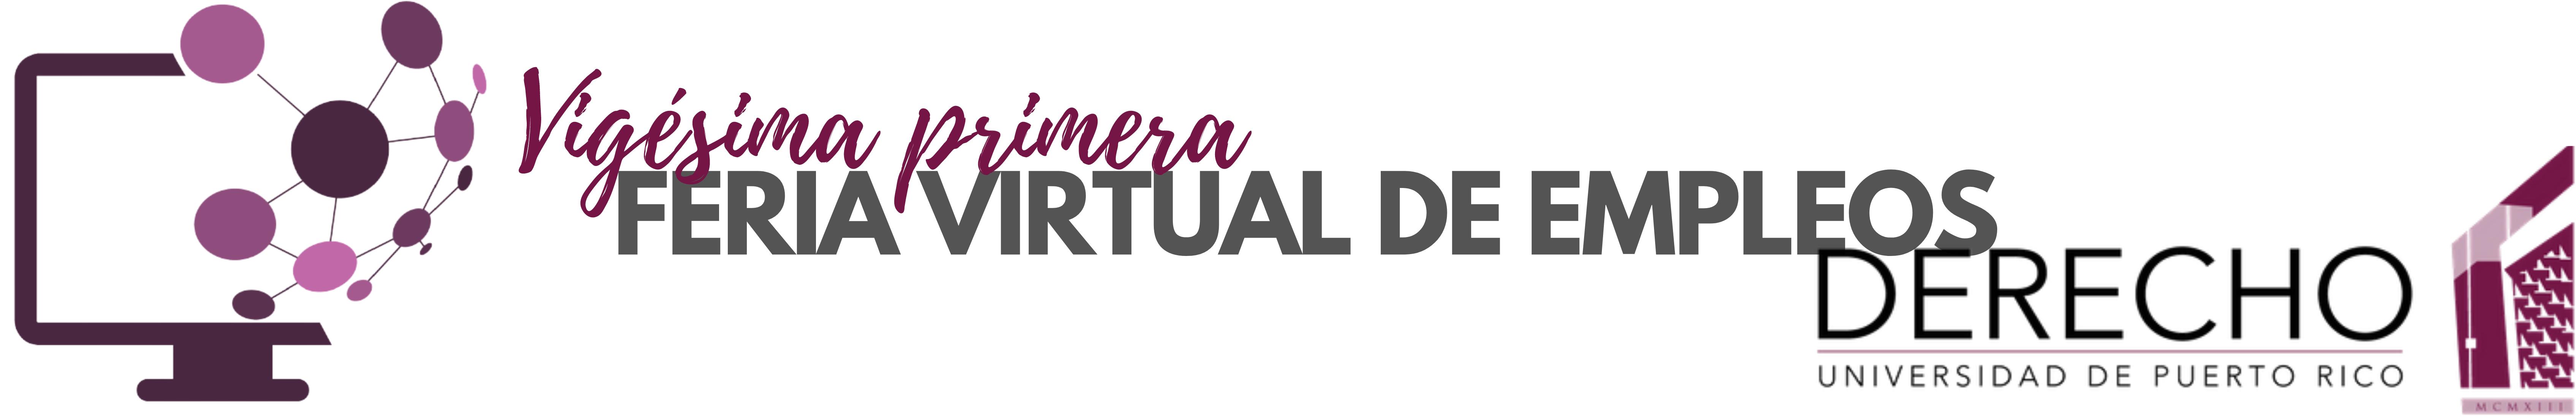 XXI Feria Virtual de Empleos de la Escuela de Derecho, UPR